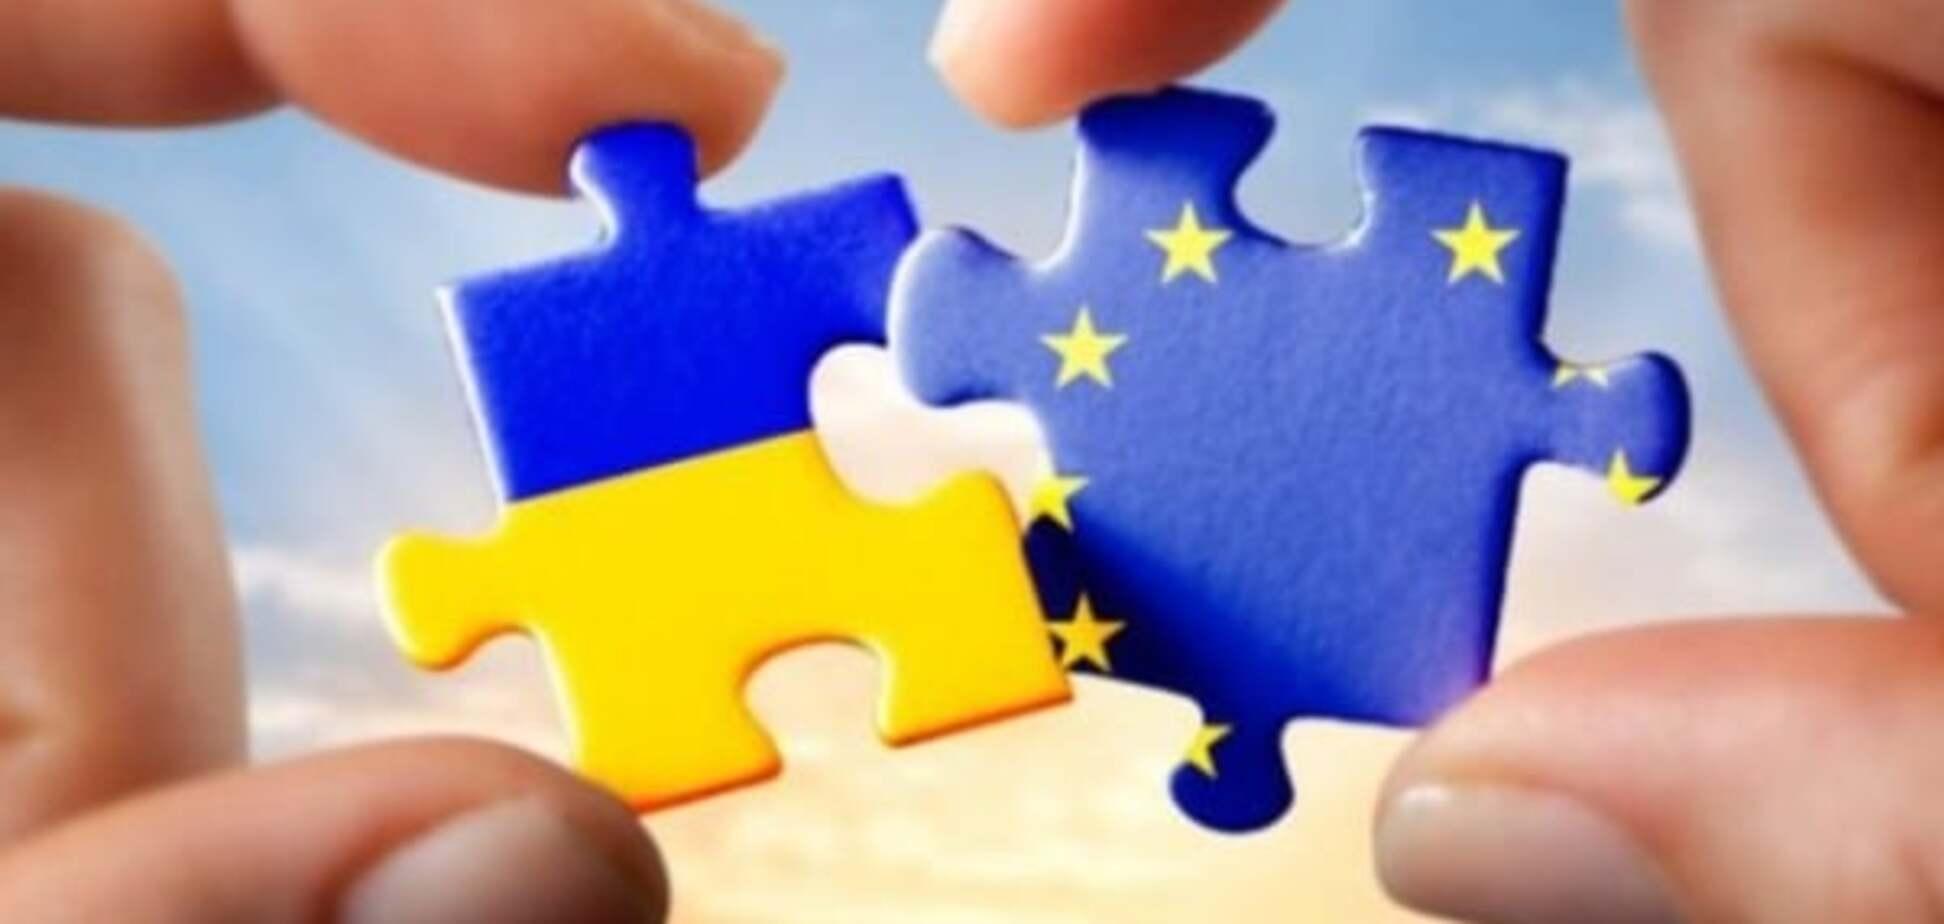 Антиукраинская пропаганда: кто постарался